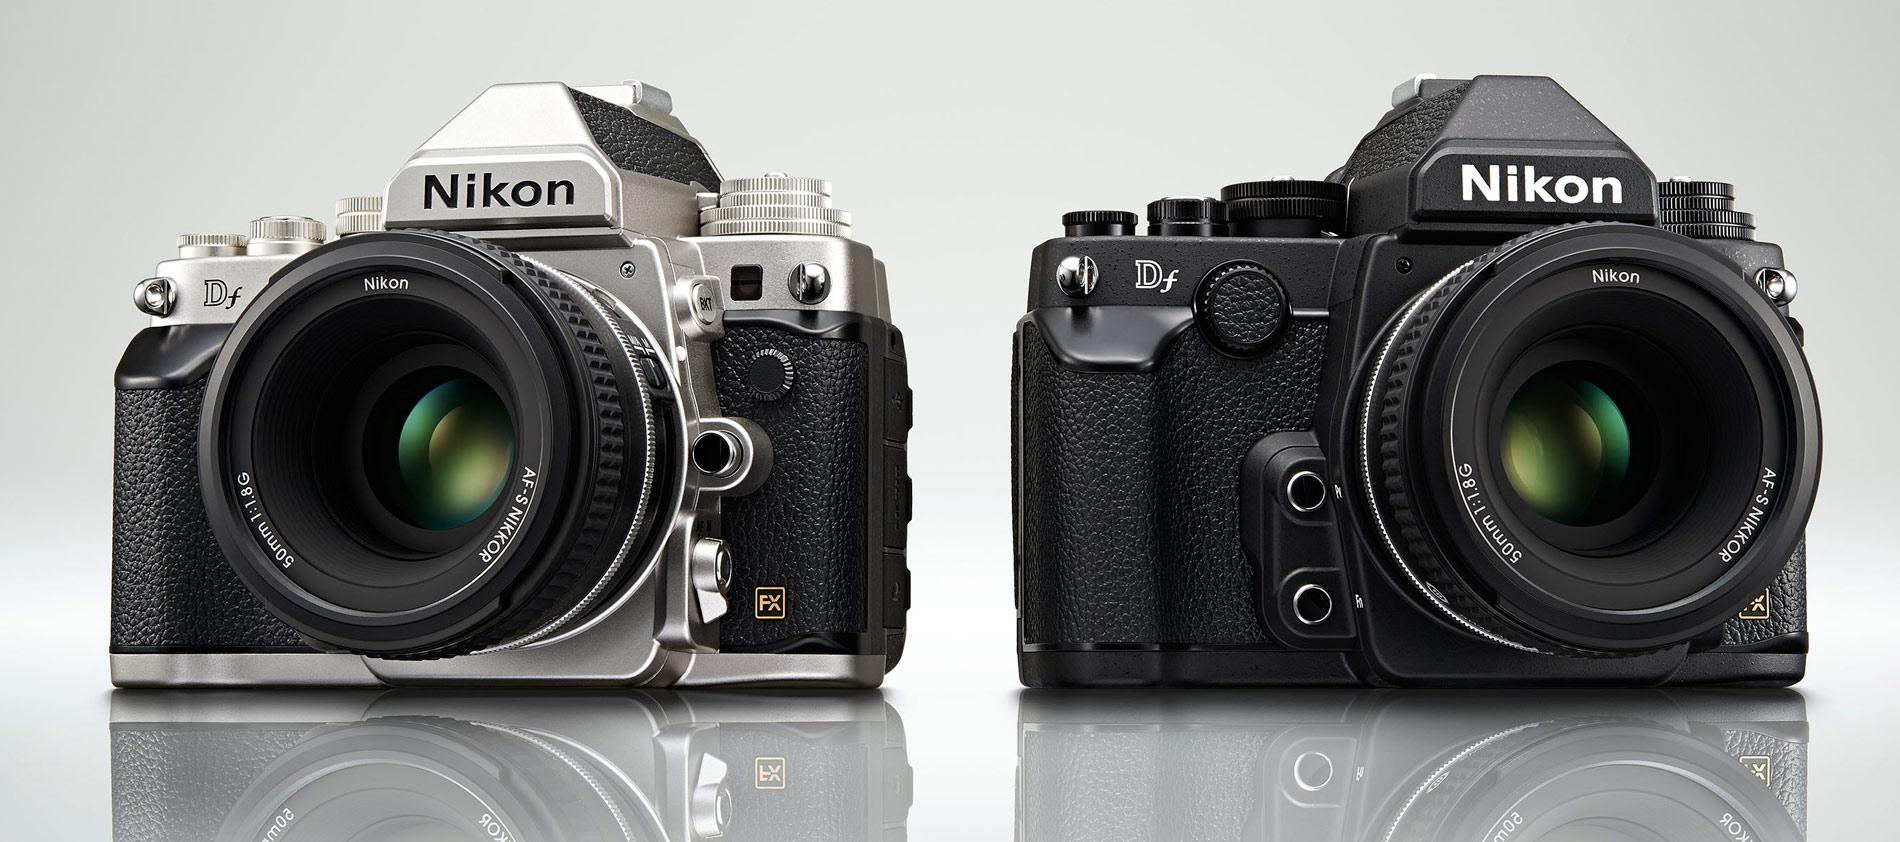 df-twin-cameras